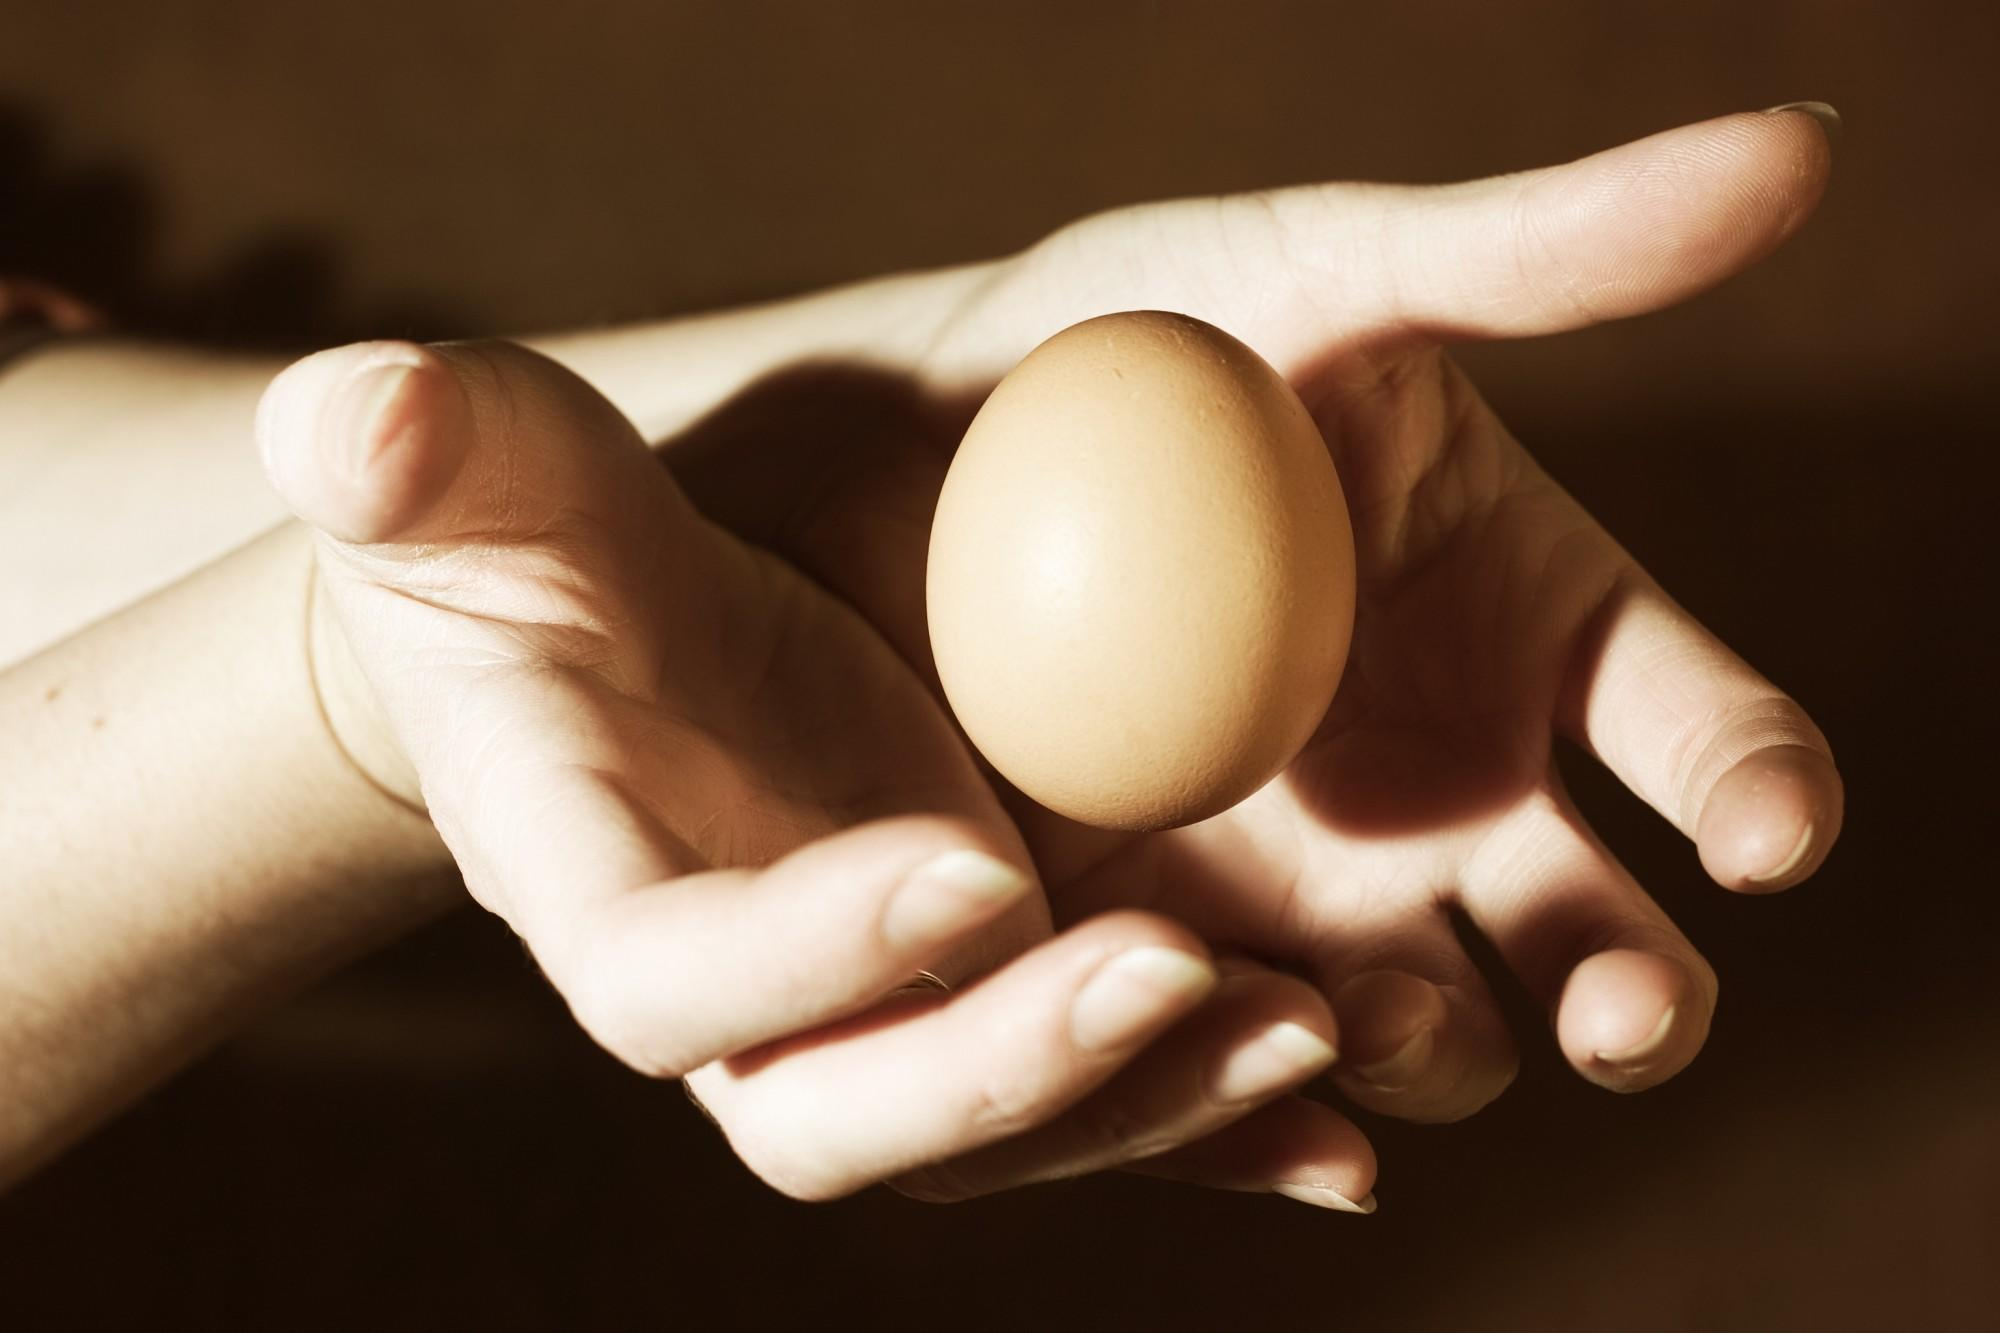 Woman's hands 'holding' an egg.